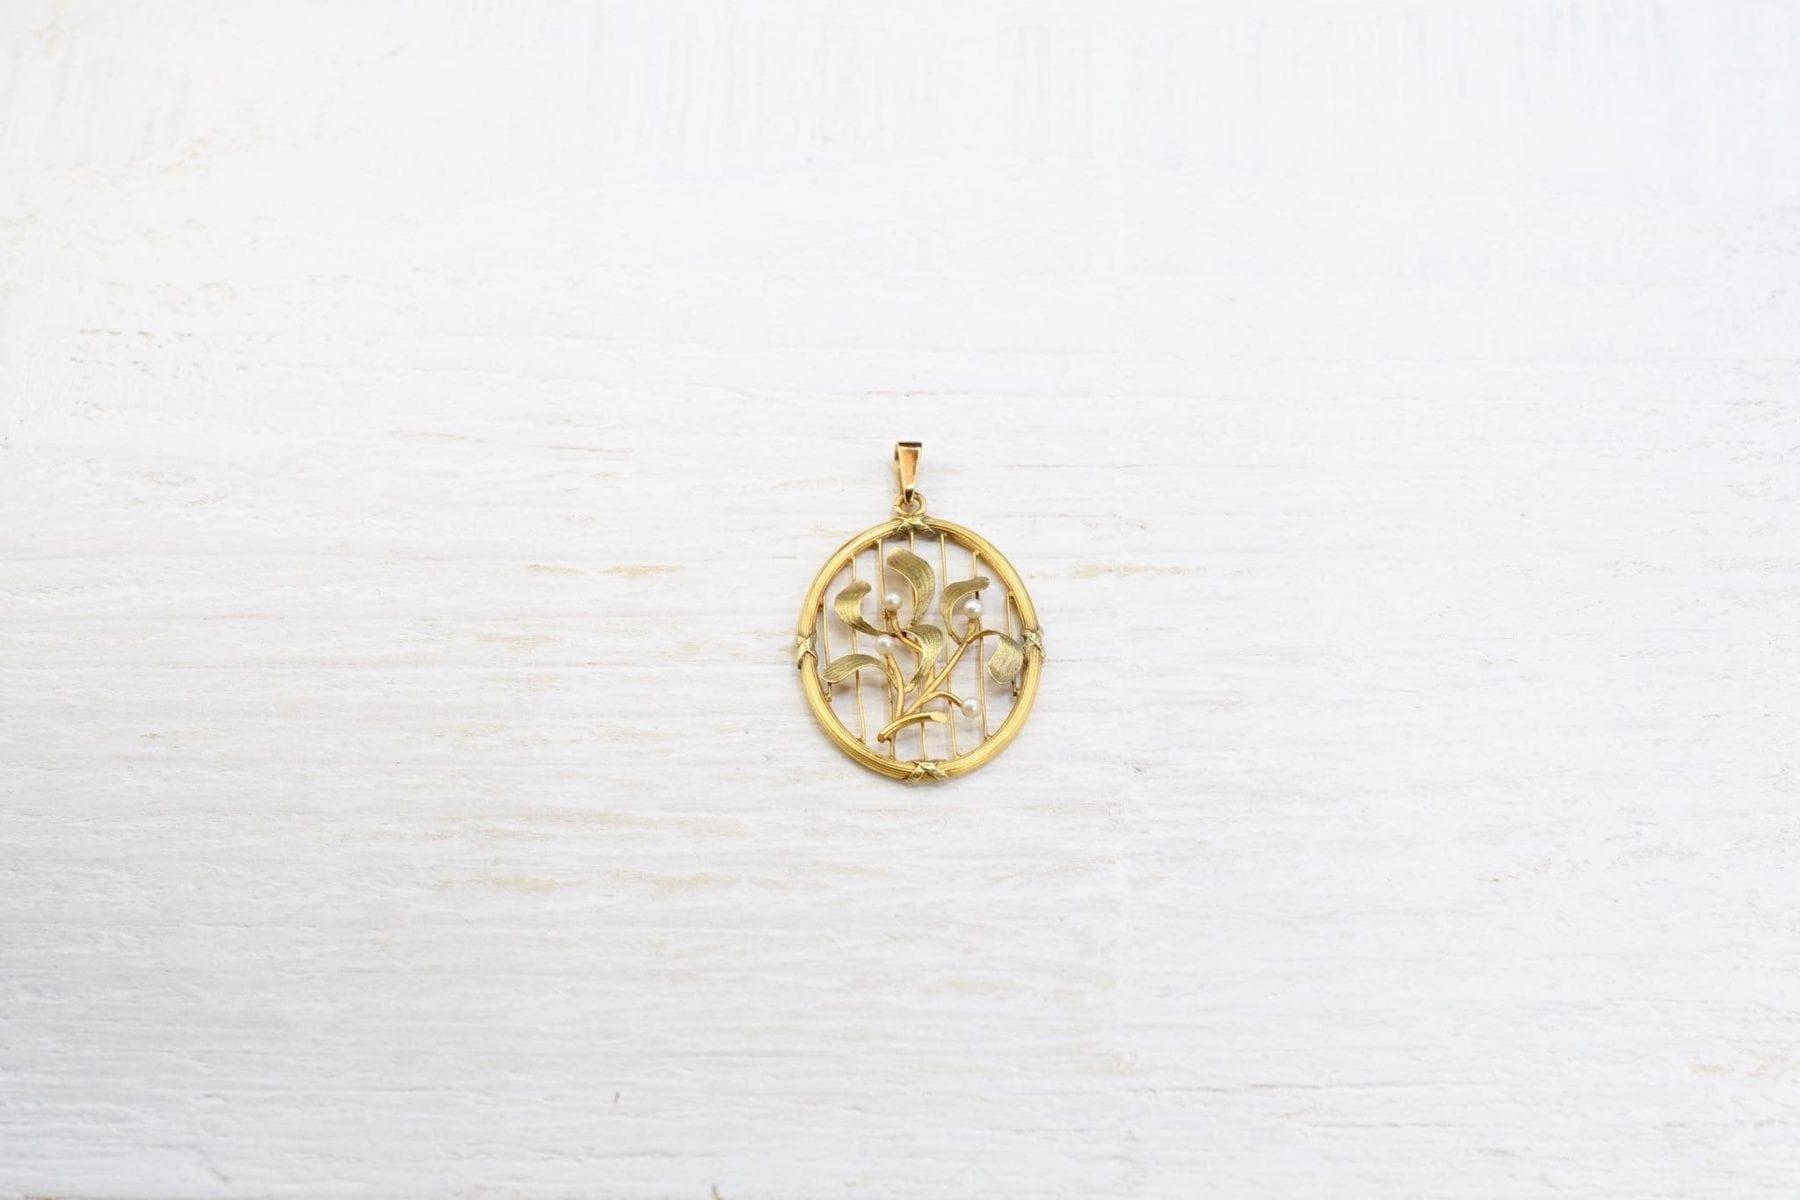 pendentif Art Nouveau en or jaune 18k